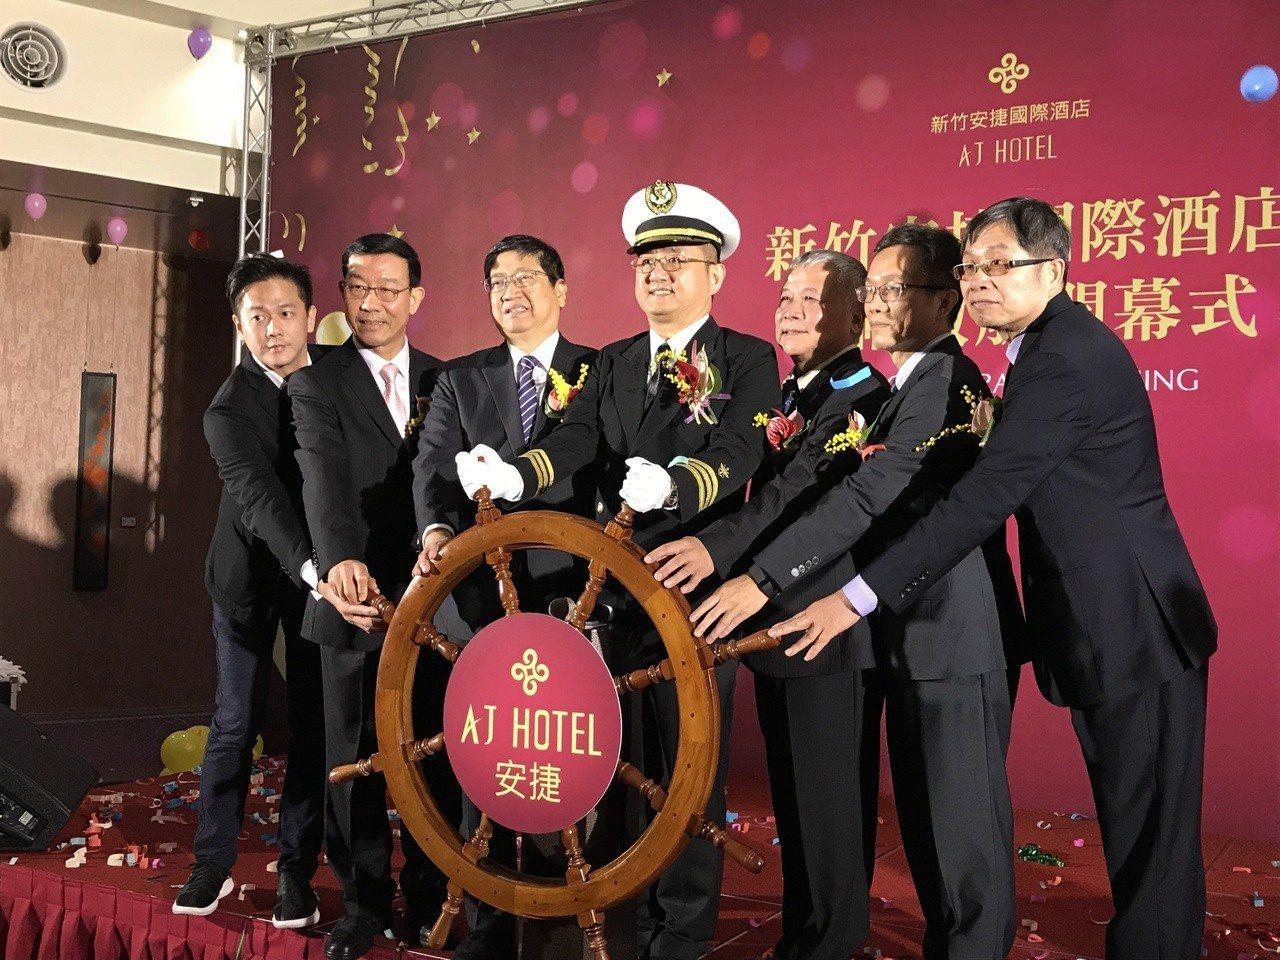 新竹安捷國際酒店今(18)日盛大開幕。記者李珣瑛/攝影